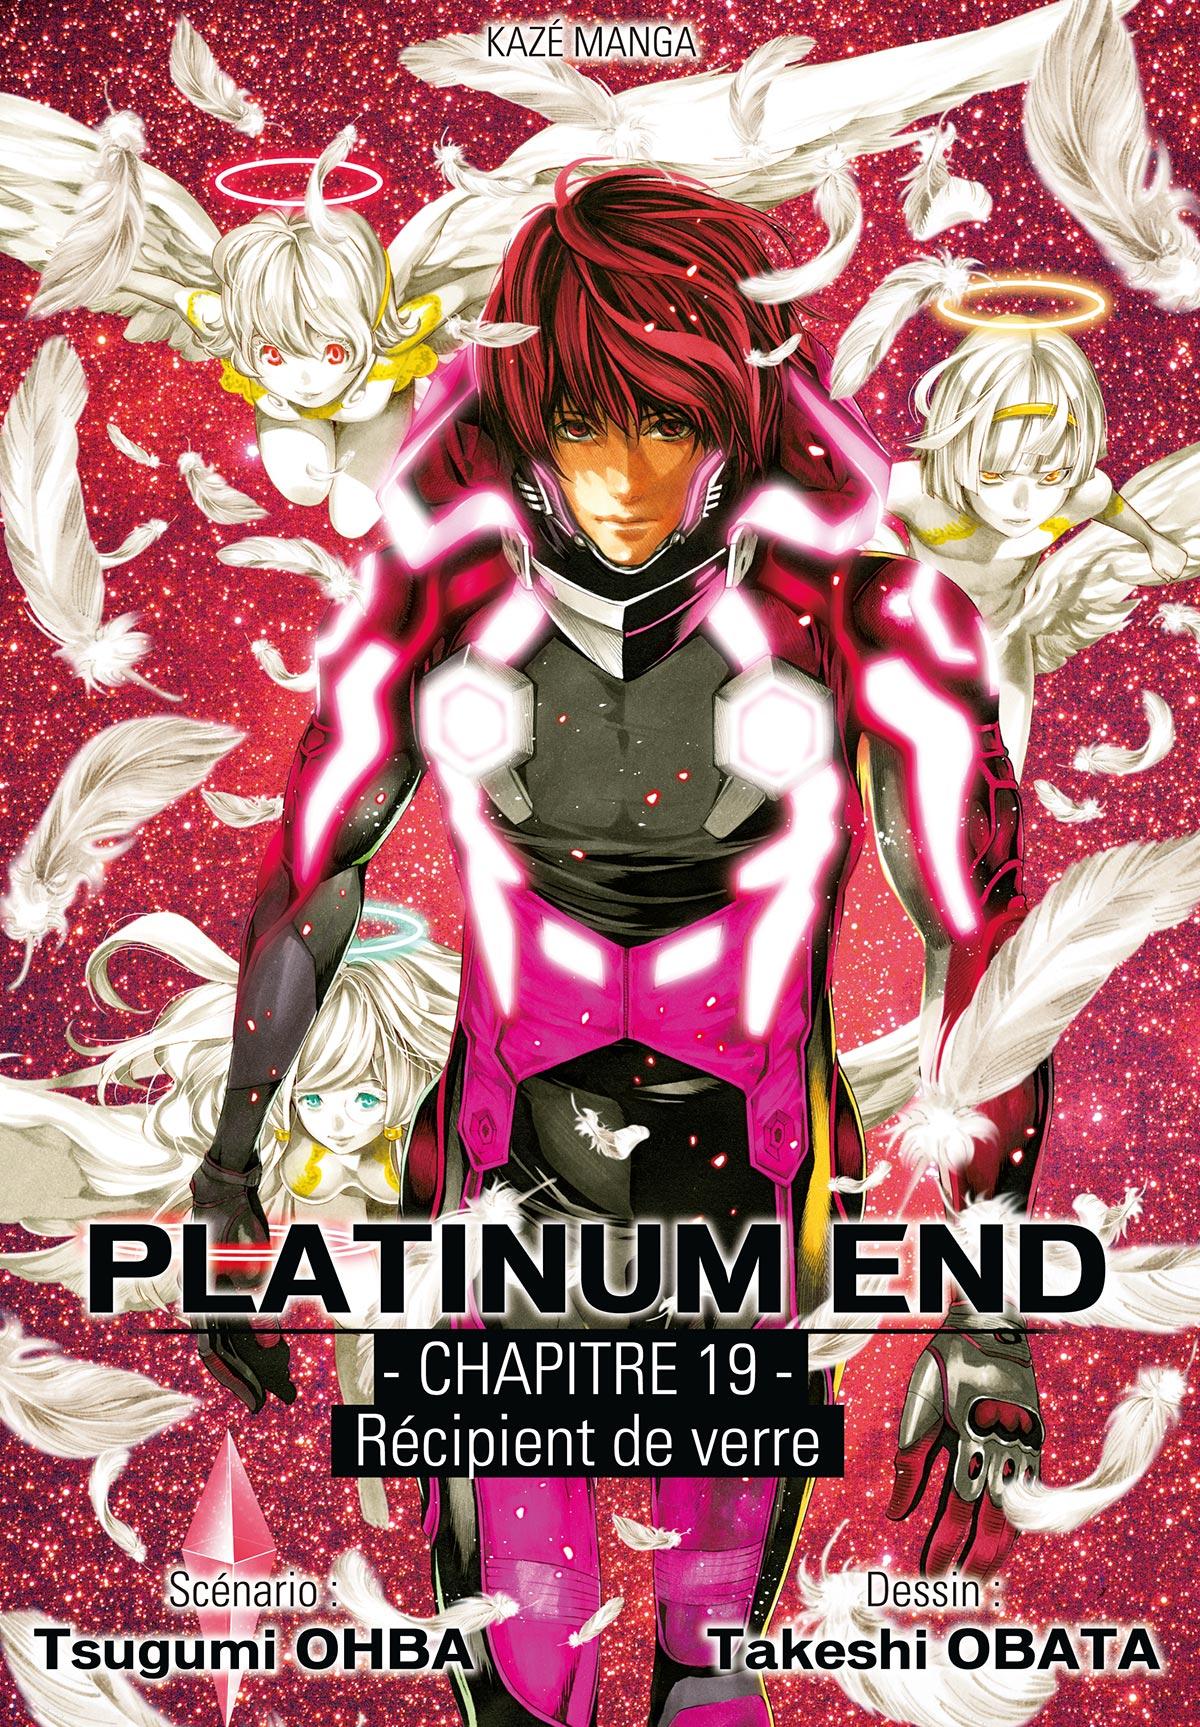 Platinum End - Chapitre 19